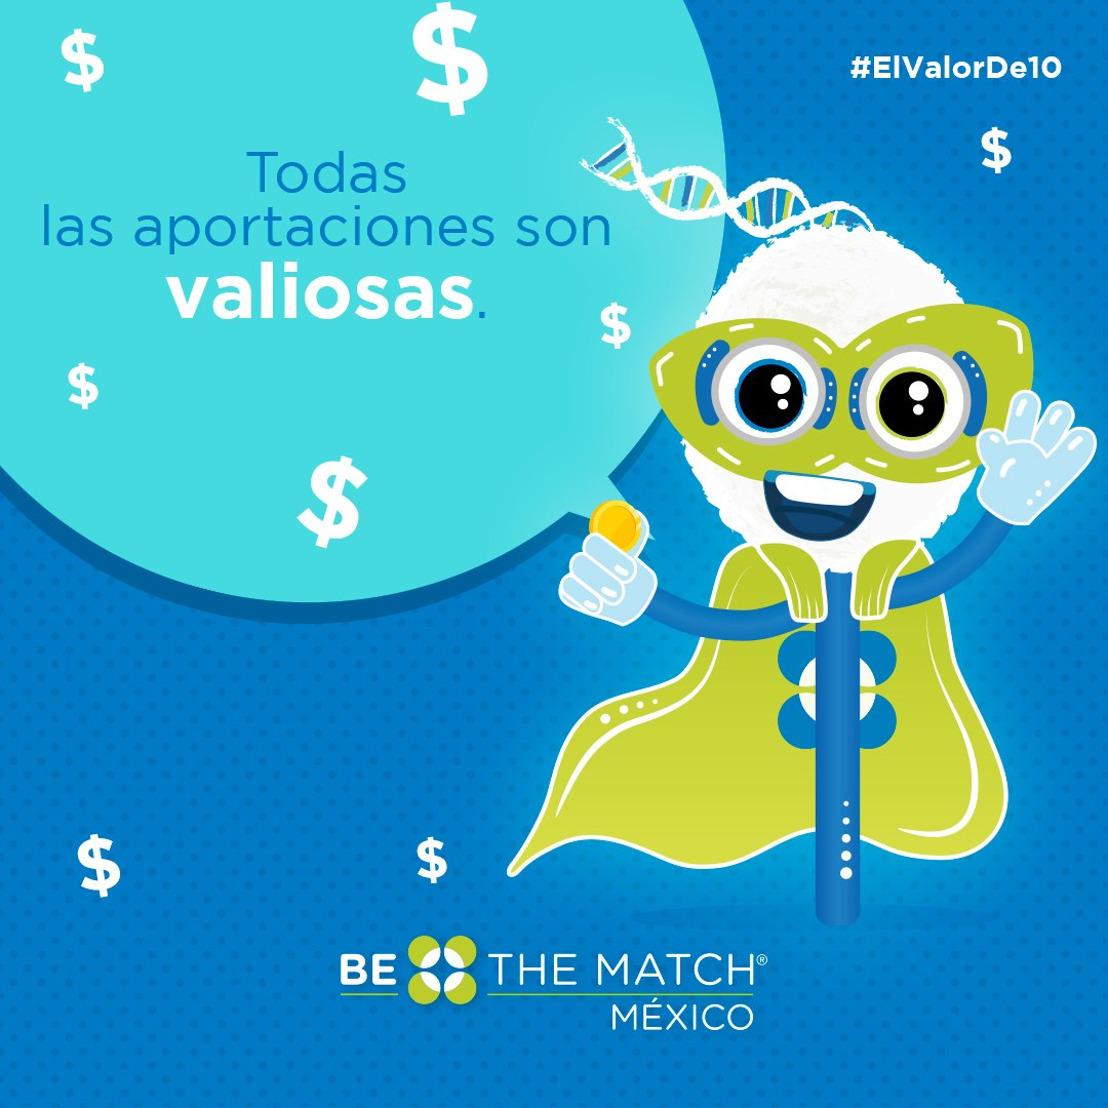 ¿Cómo tus aportaciones a una organización altruista se convierten en una esperanza de vida? El caso de Be The Match México